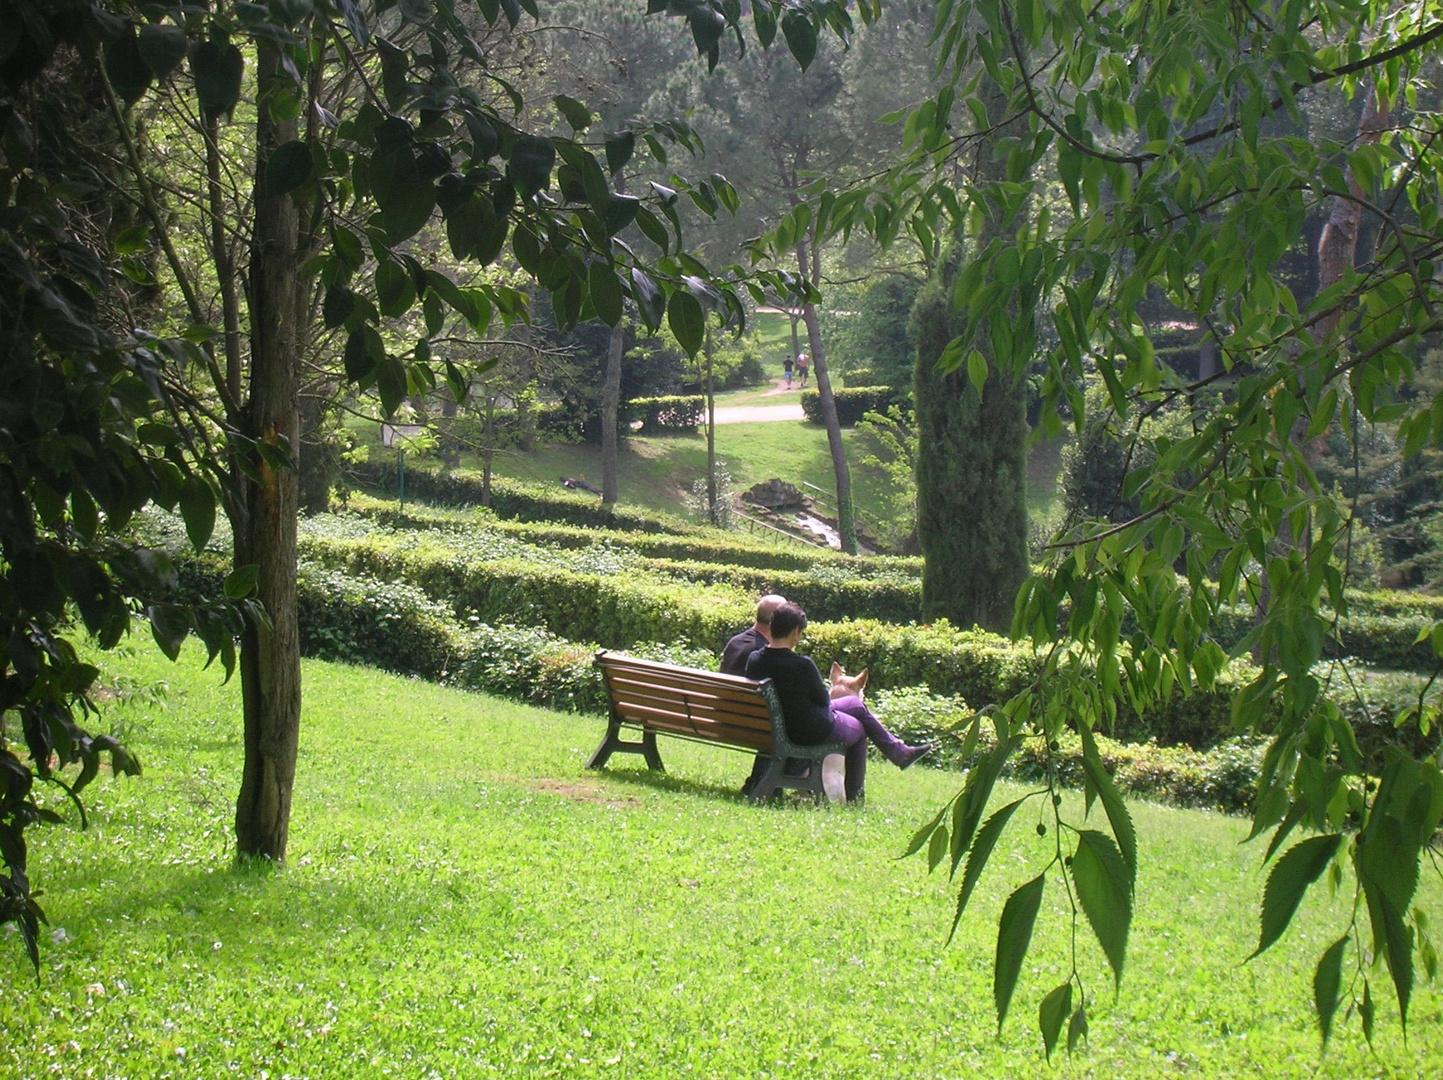 La panchina nel parco